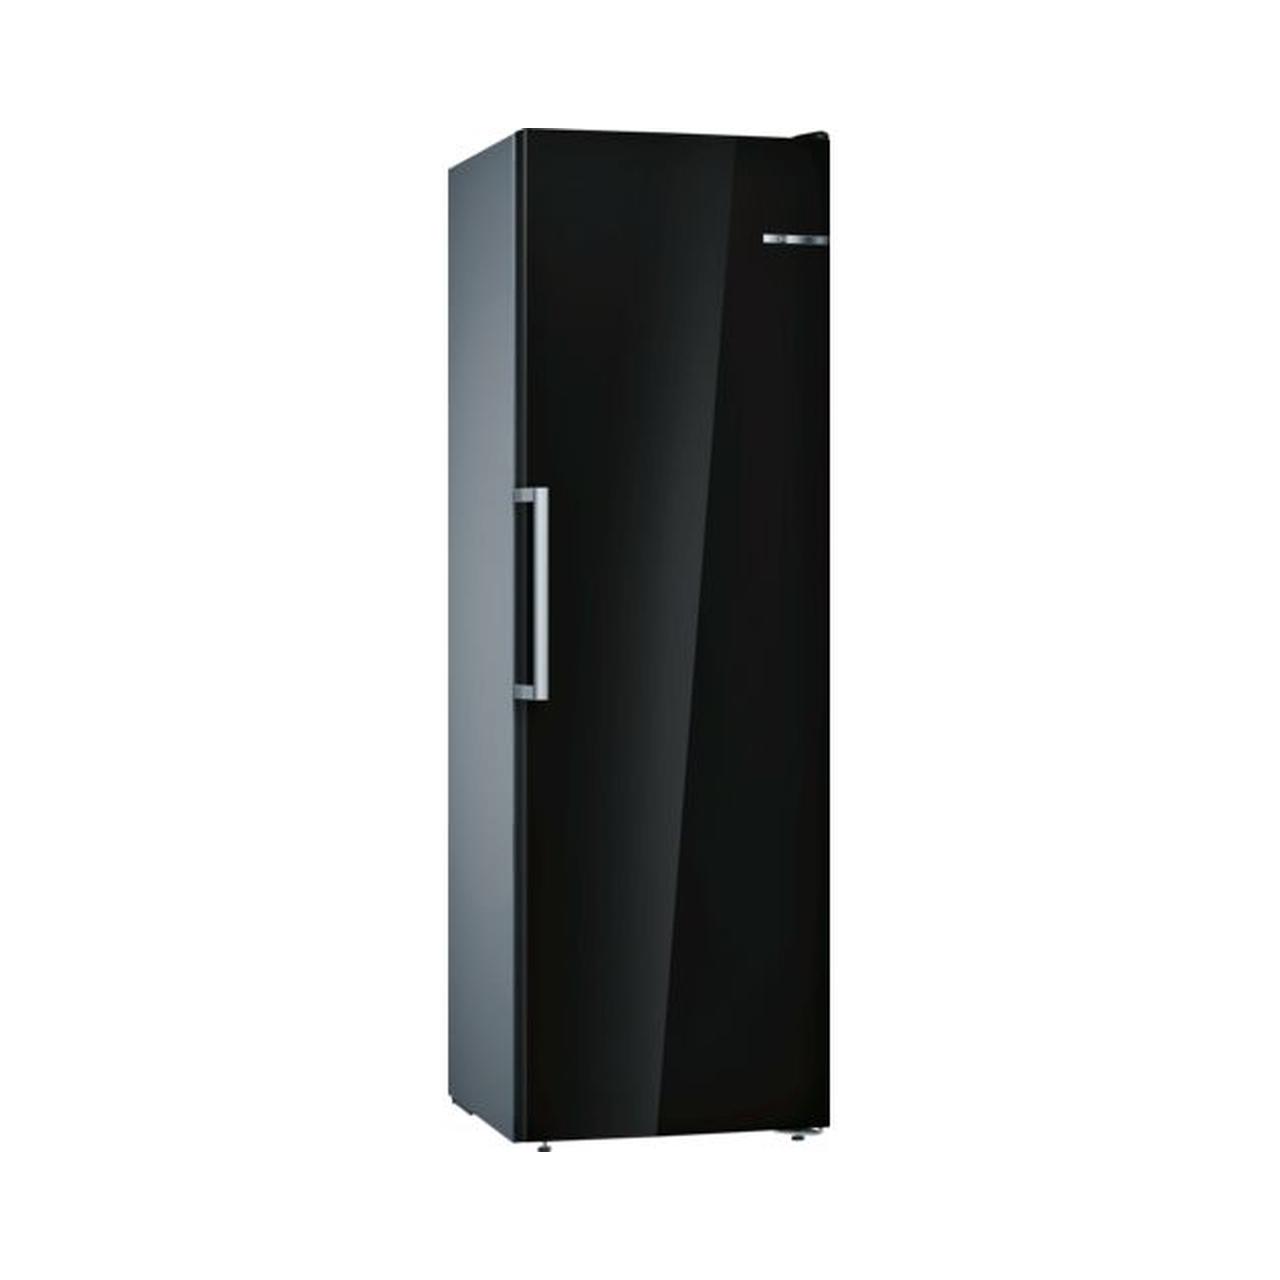 Tủ cấp đông Bosch GSN36VB3PG serie 4